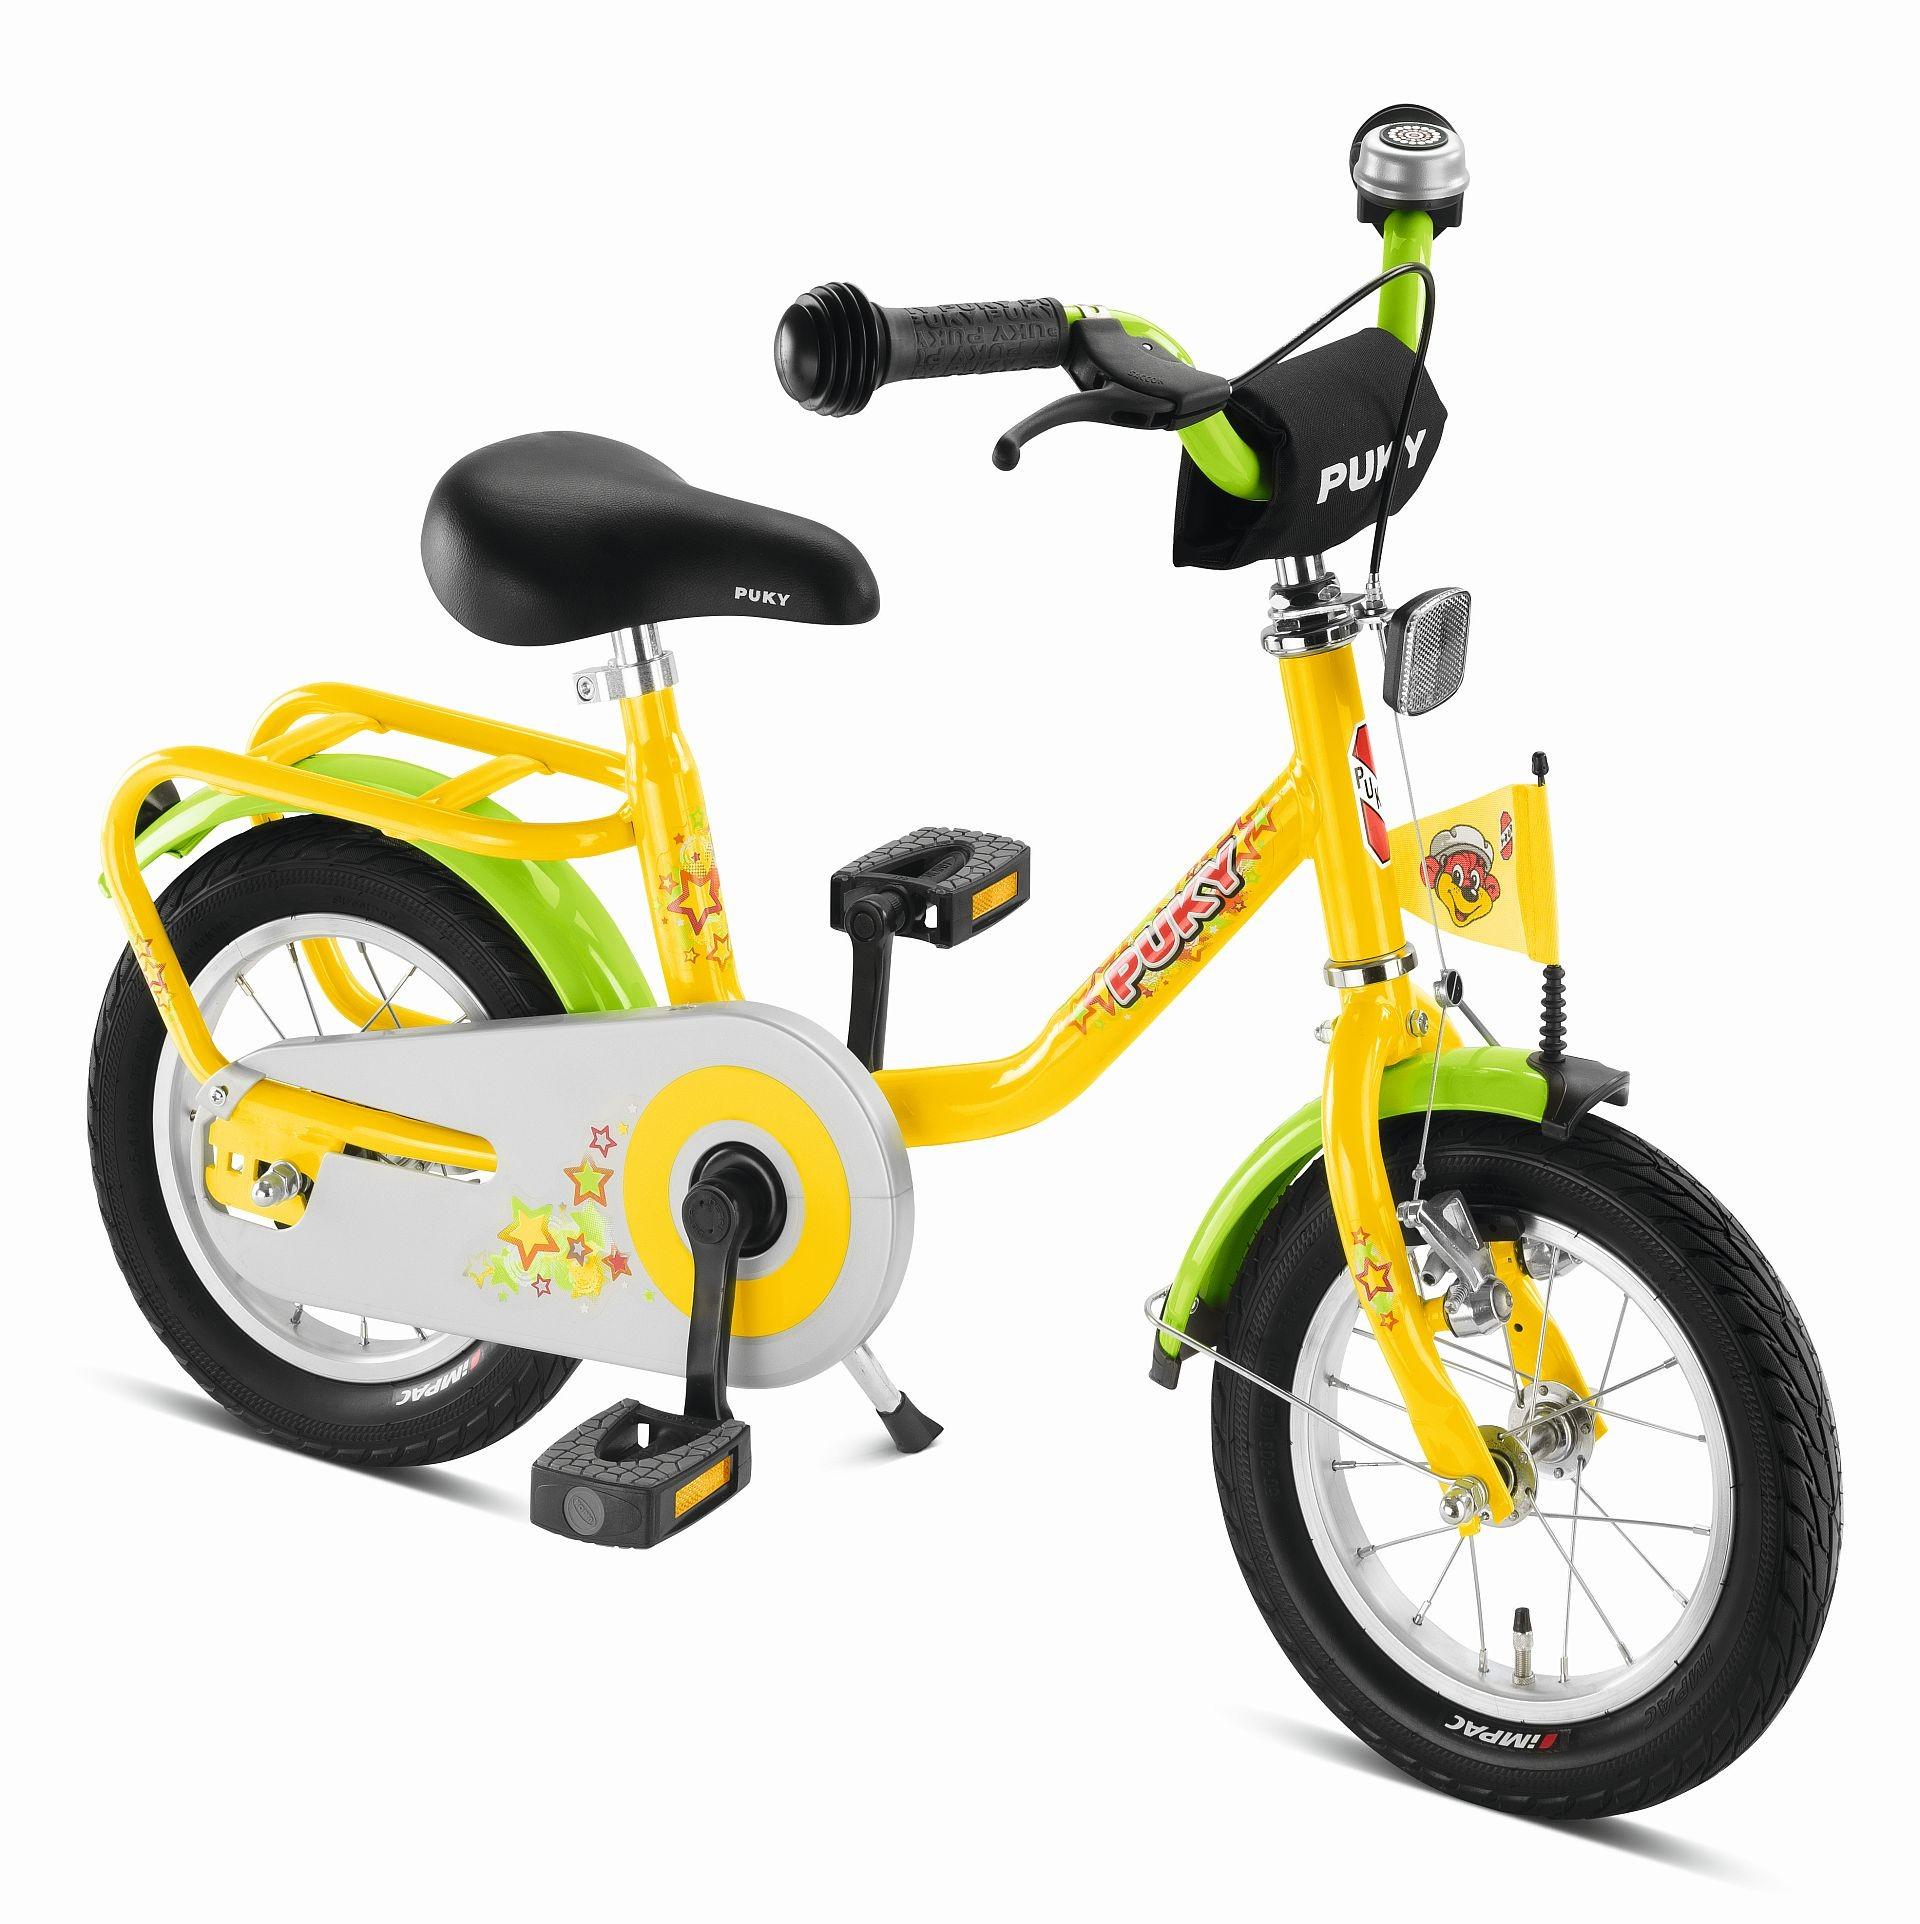 Puky Fahrrad Z2 gelb